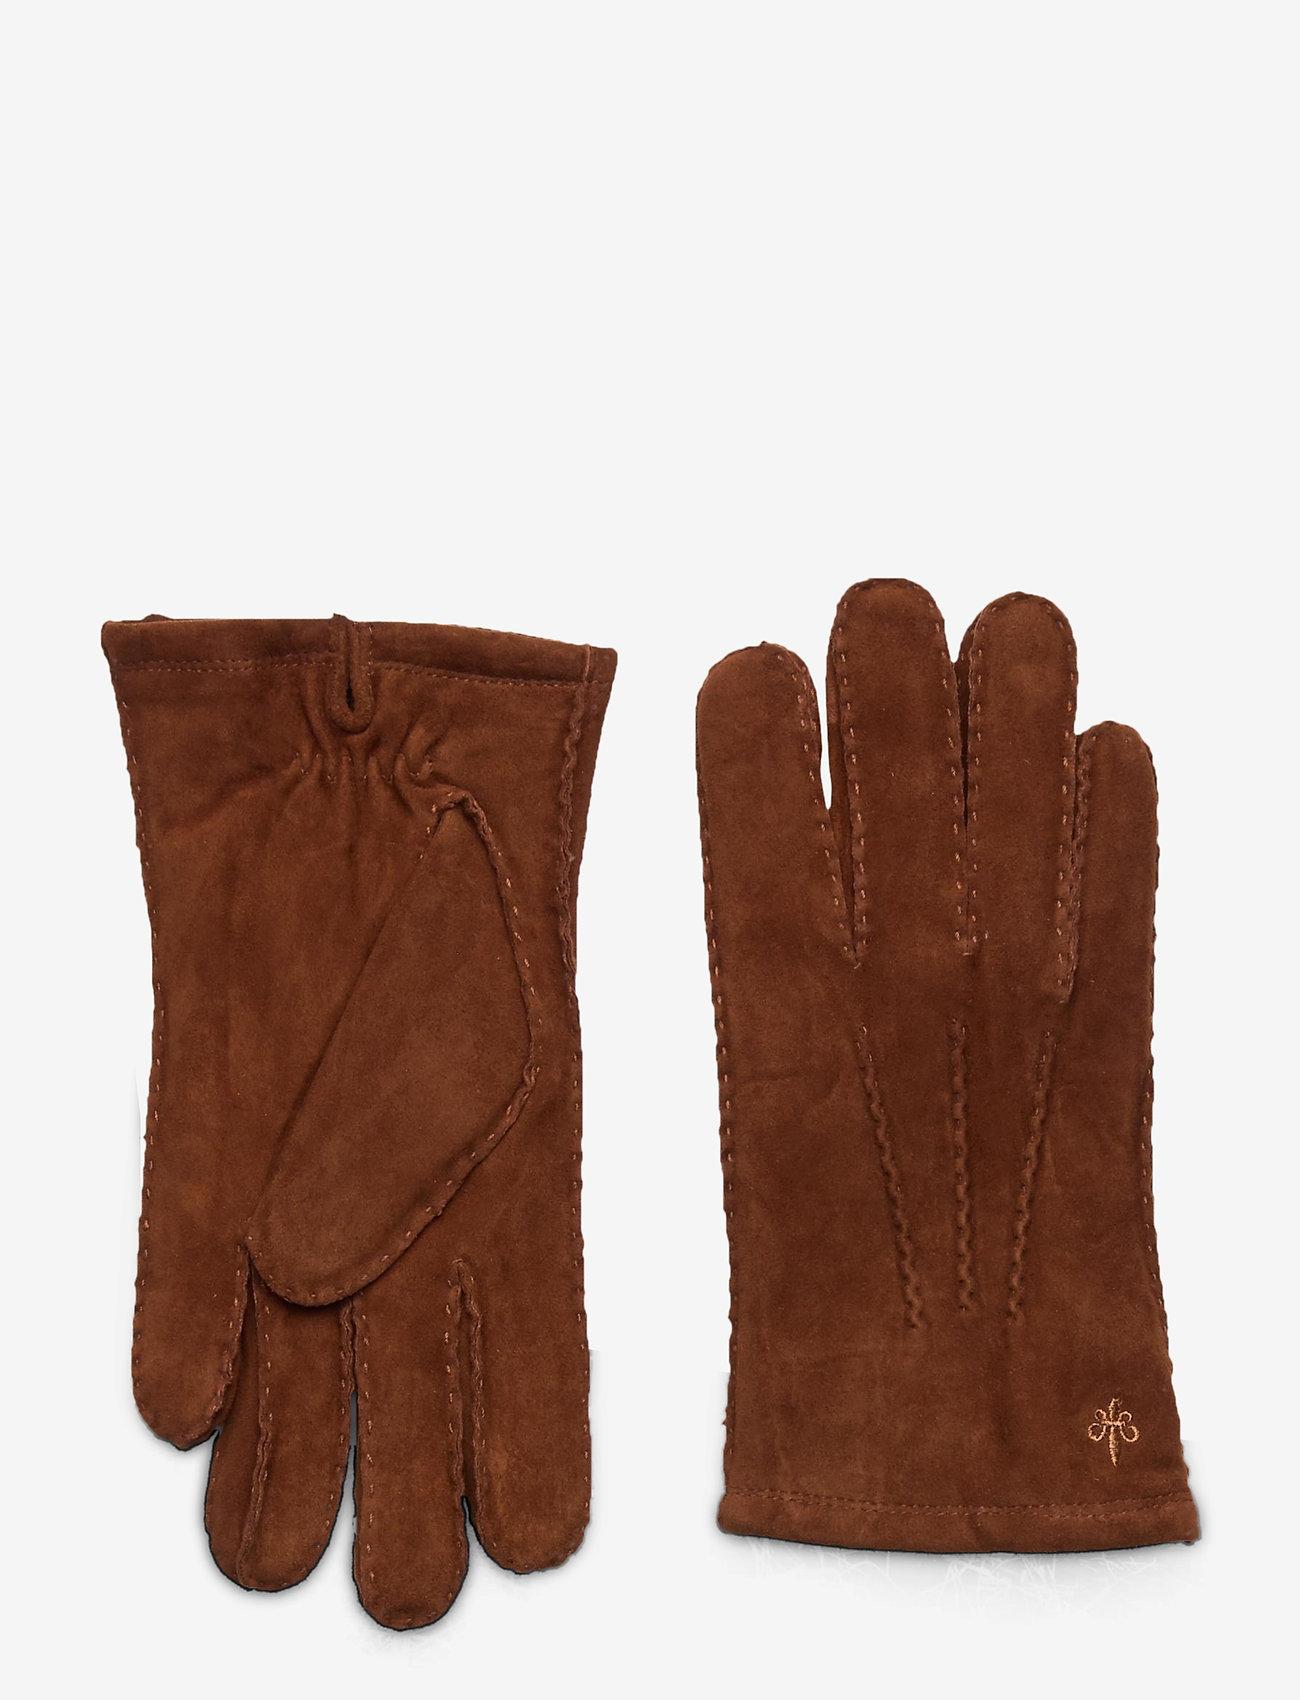 Morris - Morris Suede Gloves - gants - camel - 0